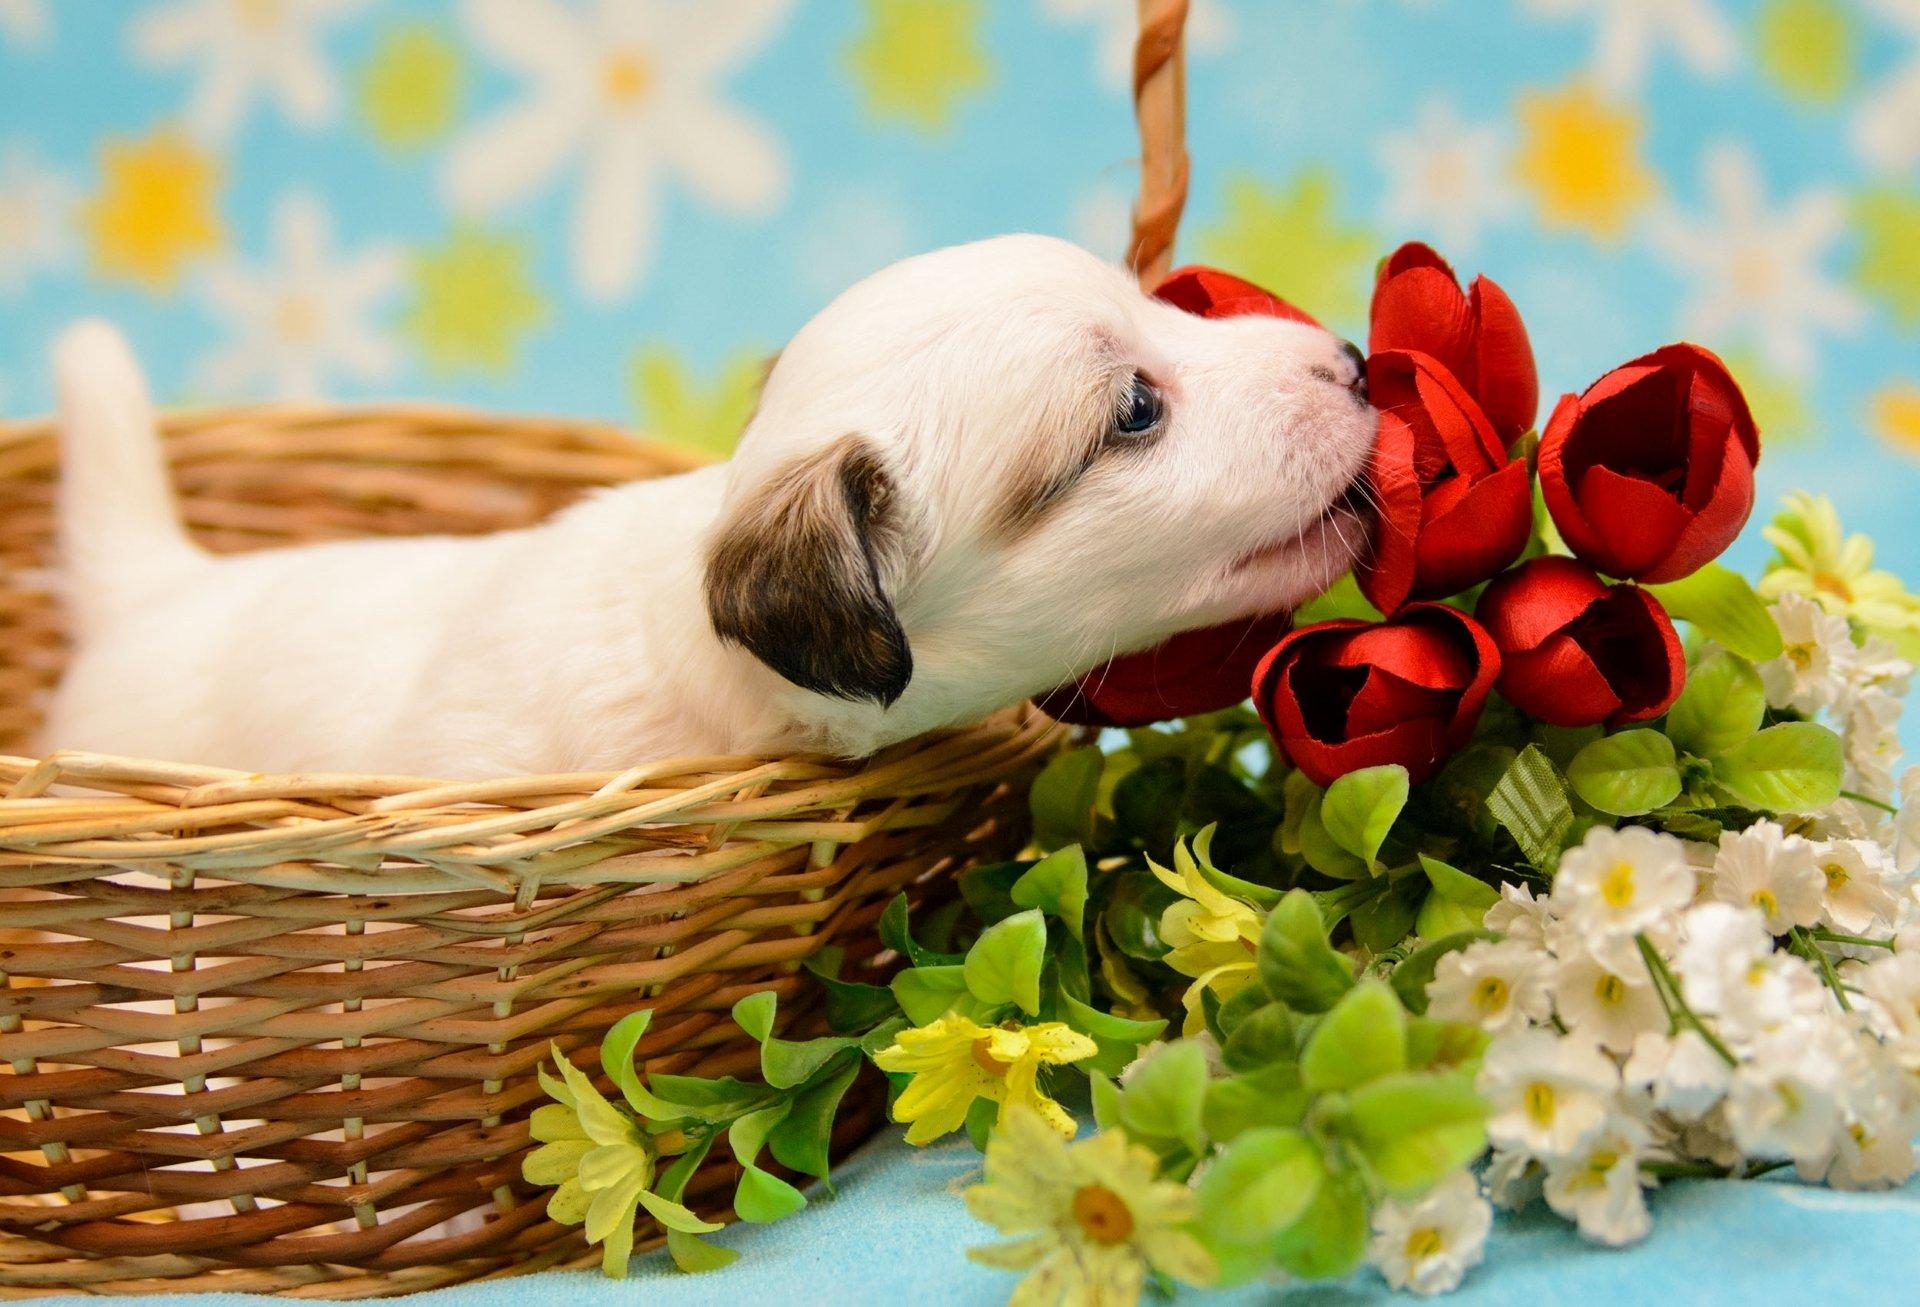 щенок корзина puppy basket загрузить